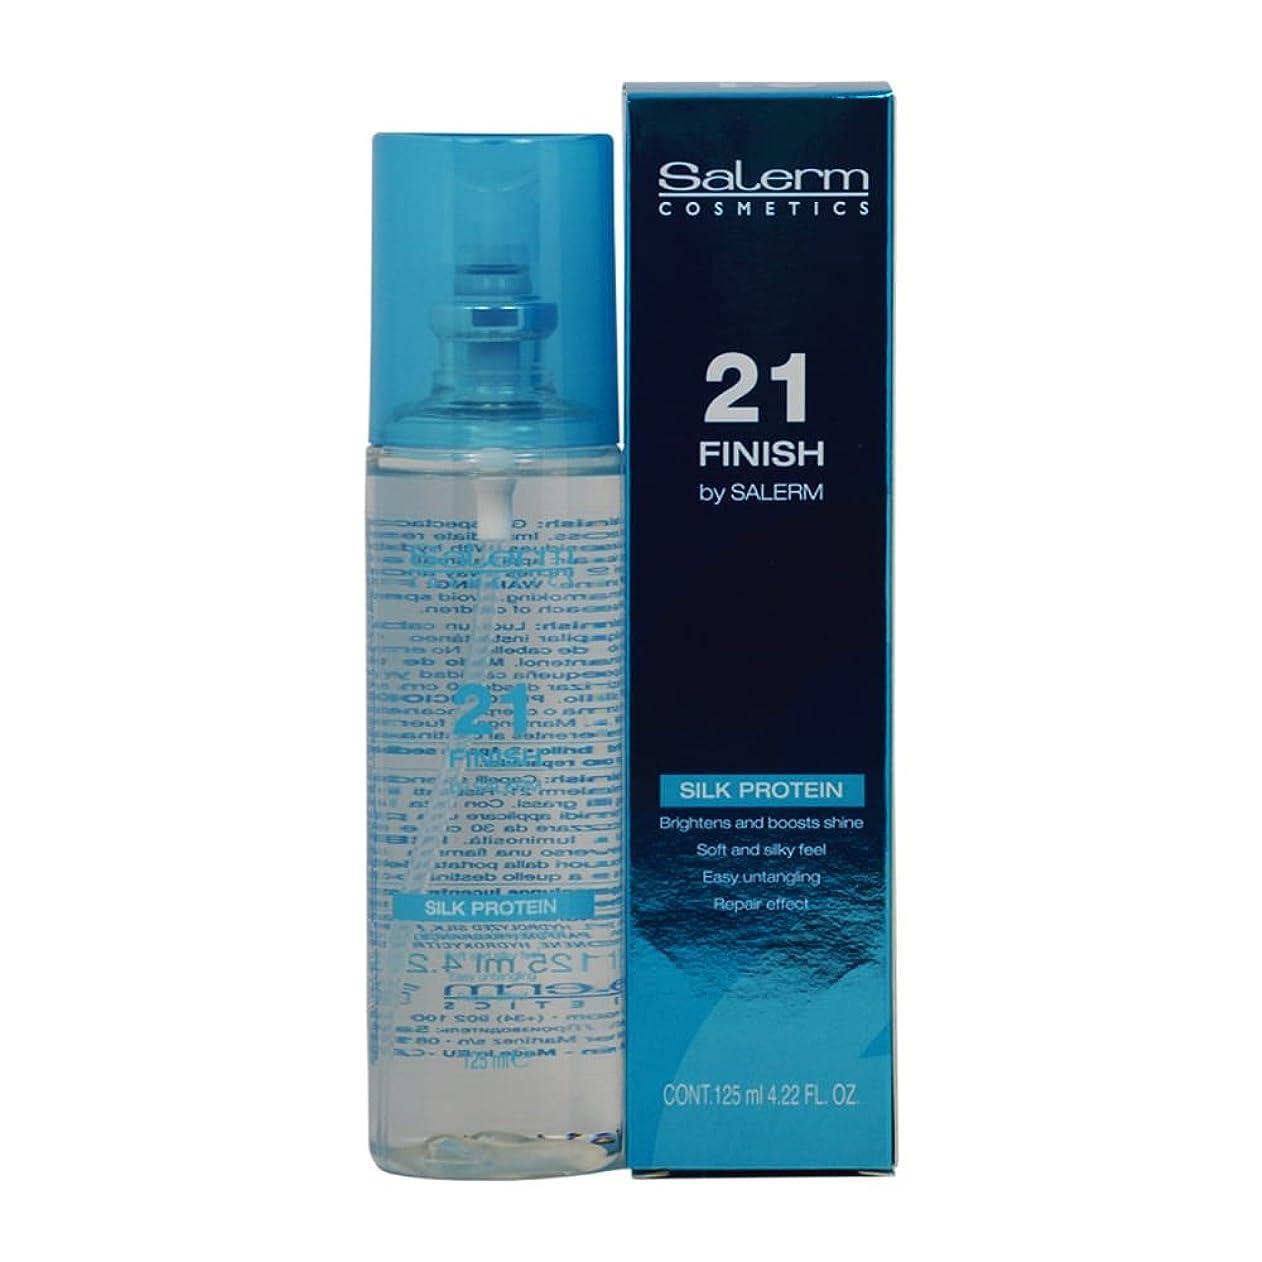 駐地メディカル偶然のSalerm 21完了絹タンパク質4.22オンススプレー 4.22液量オンス